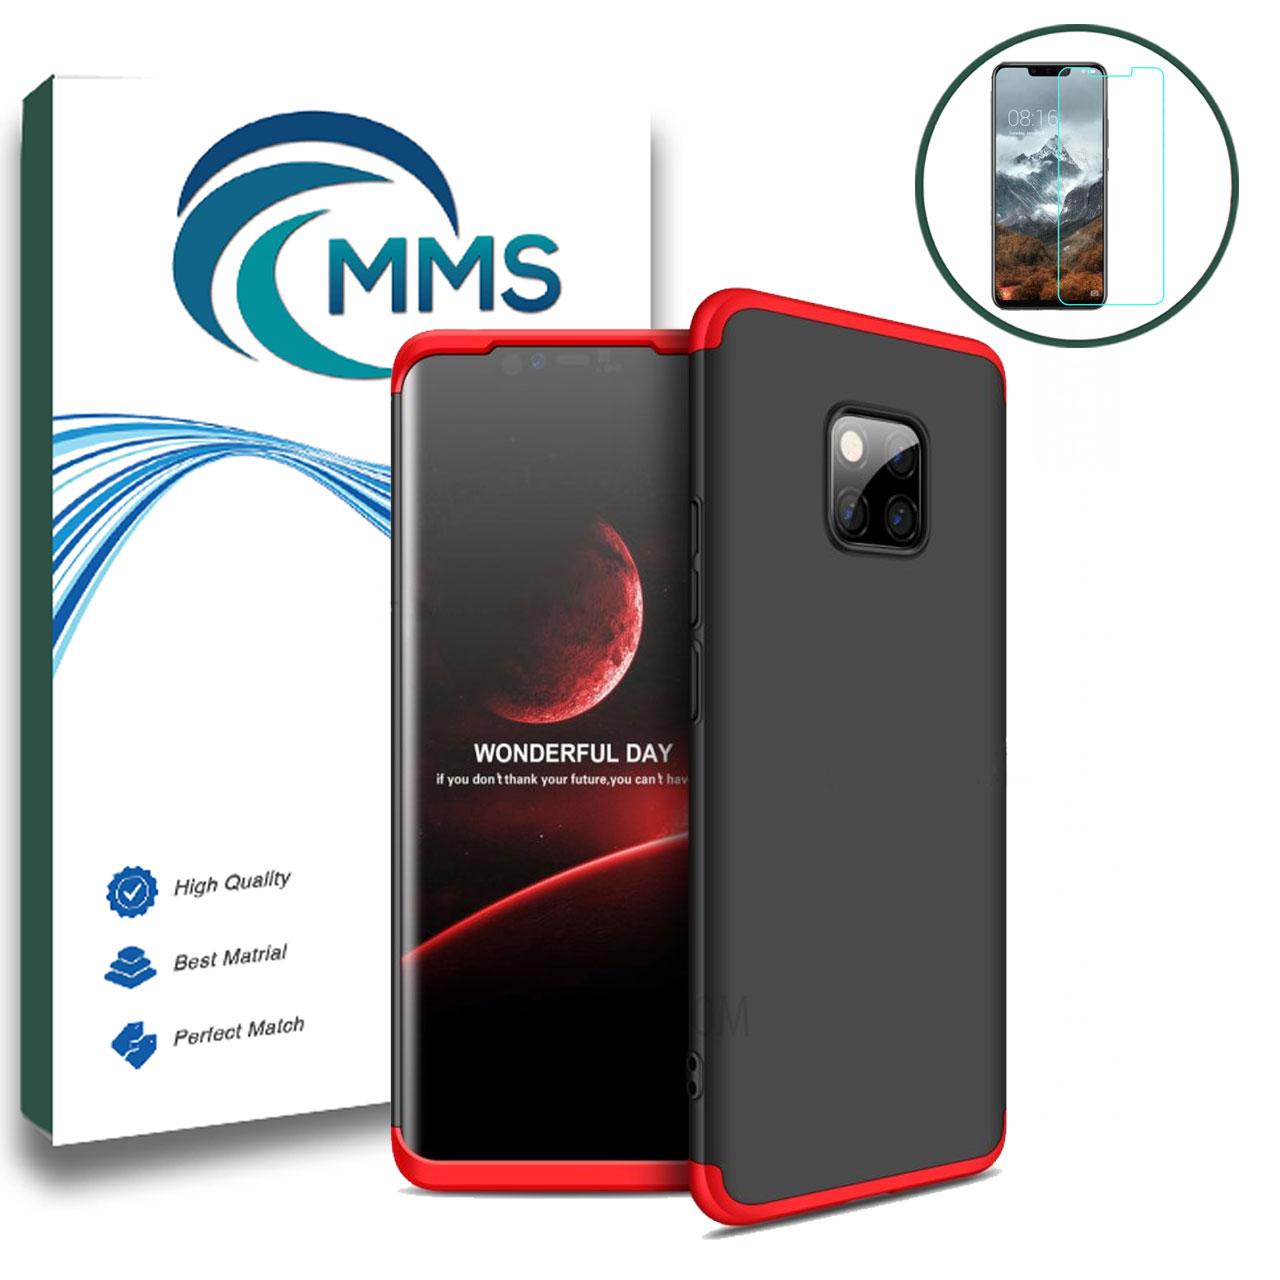 کاور 360 درجه ام ام اس مدل FPGKK مناسب برای گوشی موبایل هواوی Mate 20 Pro به همراه محافظ صفحه نمایش شیشه ای |